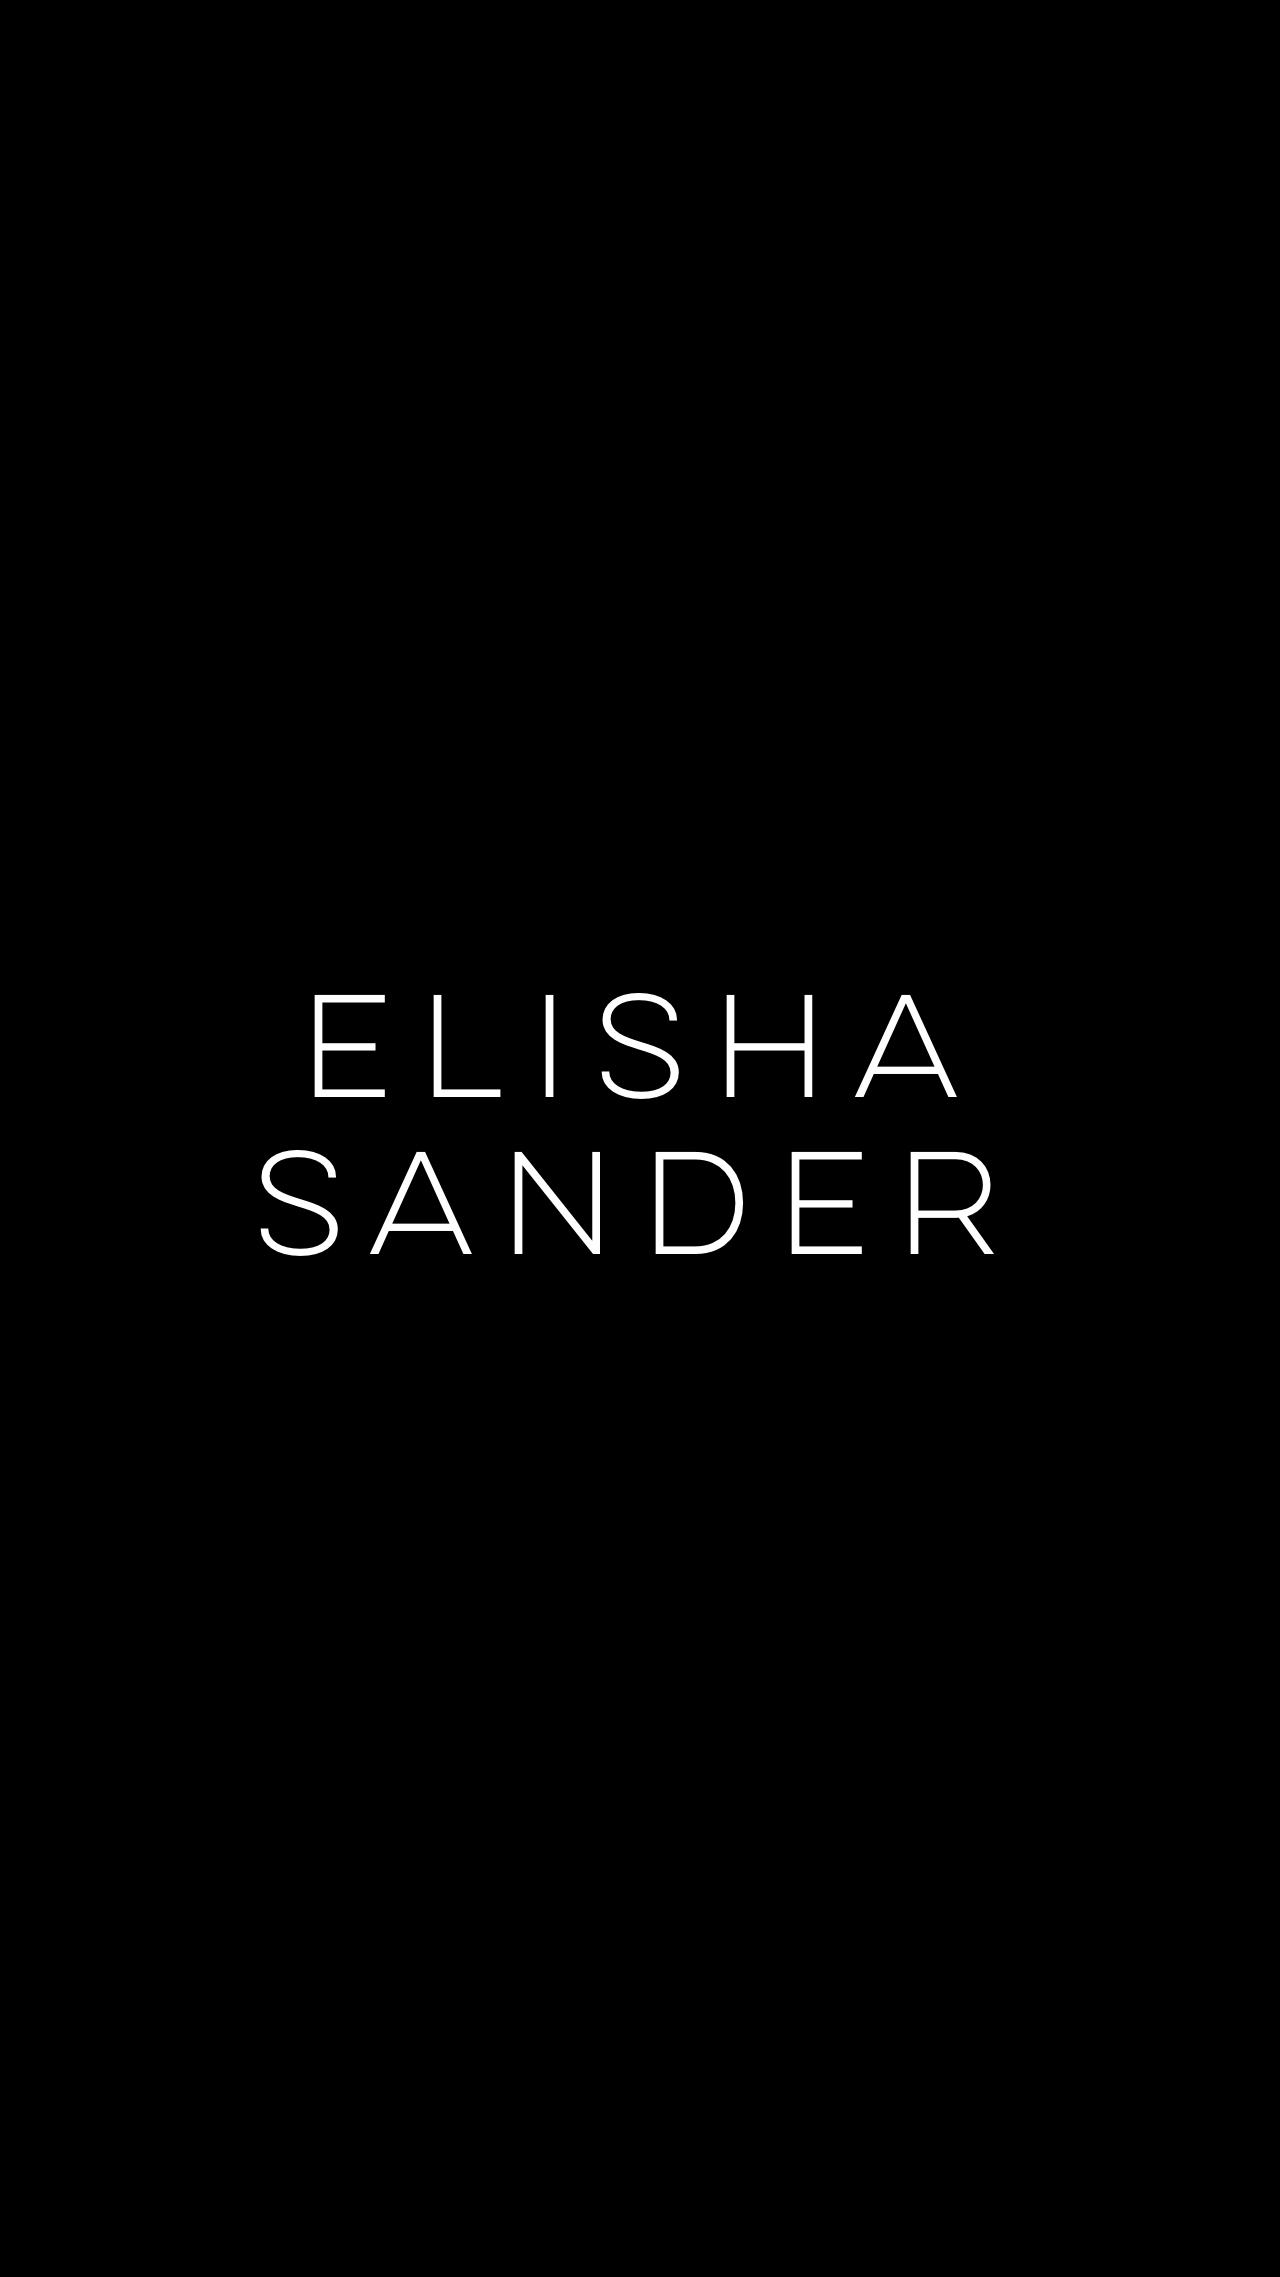 ELISHA SANDER (1).jpg